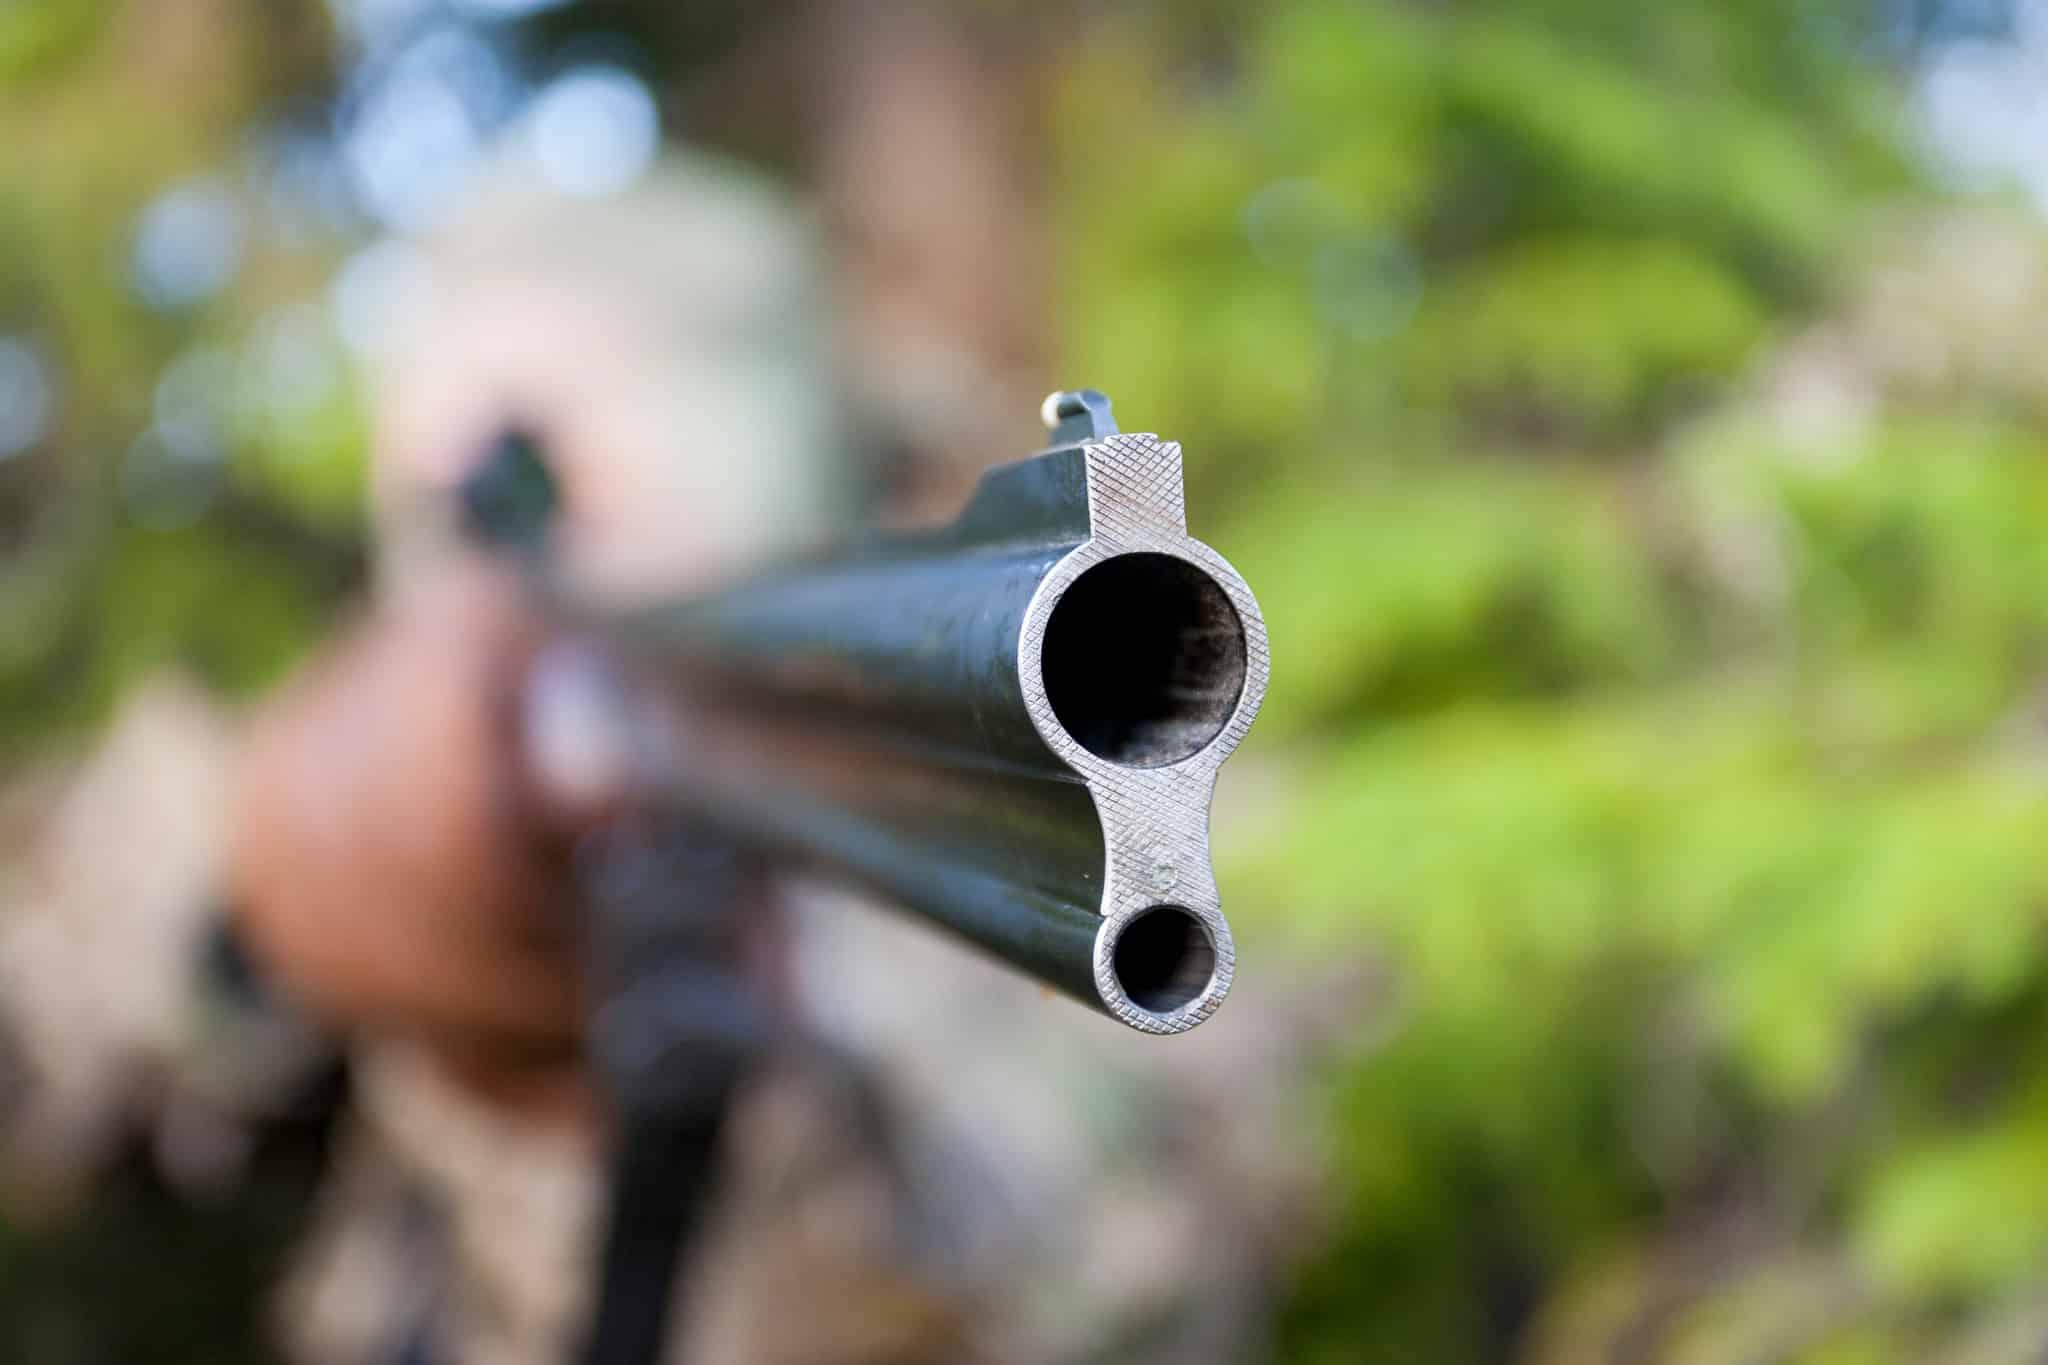 Har du en bössa, men ingen licens? Den 1 februari inleds en ny vapenamnesti i Sverige där olagliga vapen och ammunition kan lämnas in till polisen. Foto: Kjell-Erik Moseid